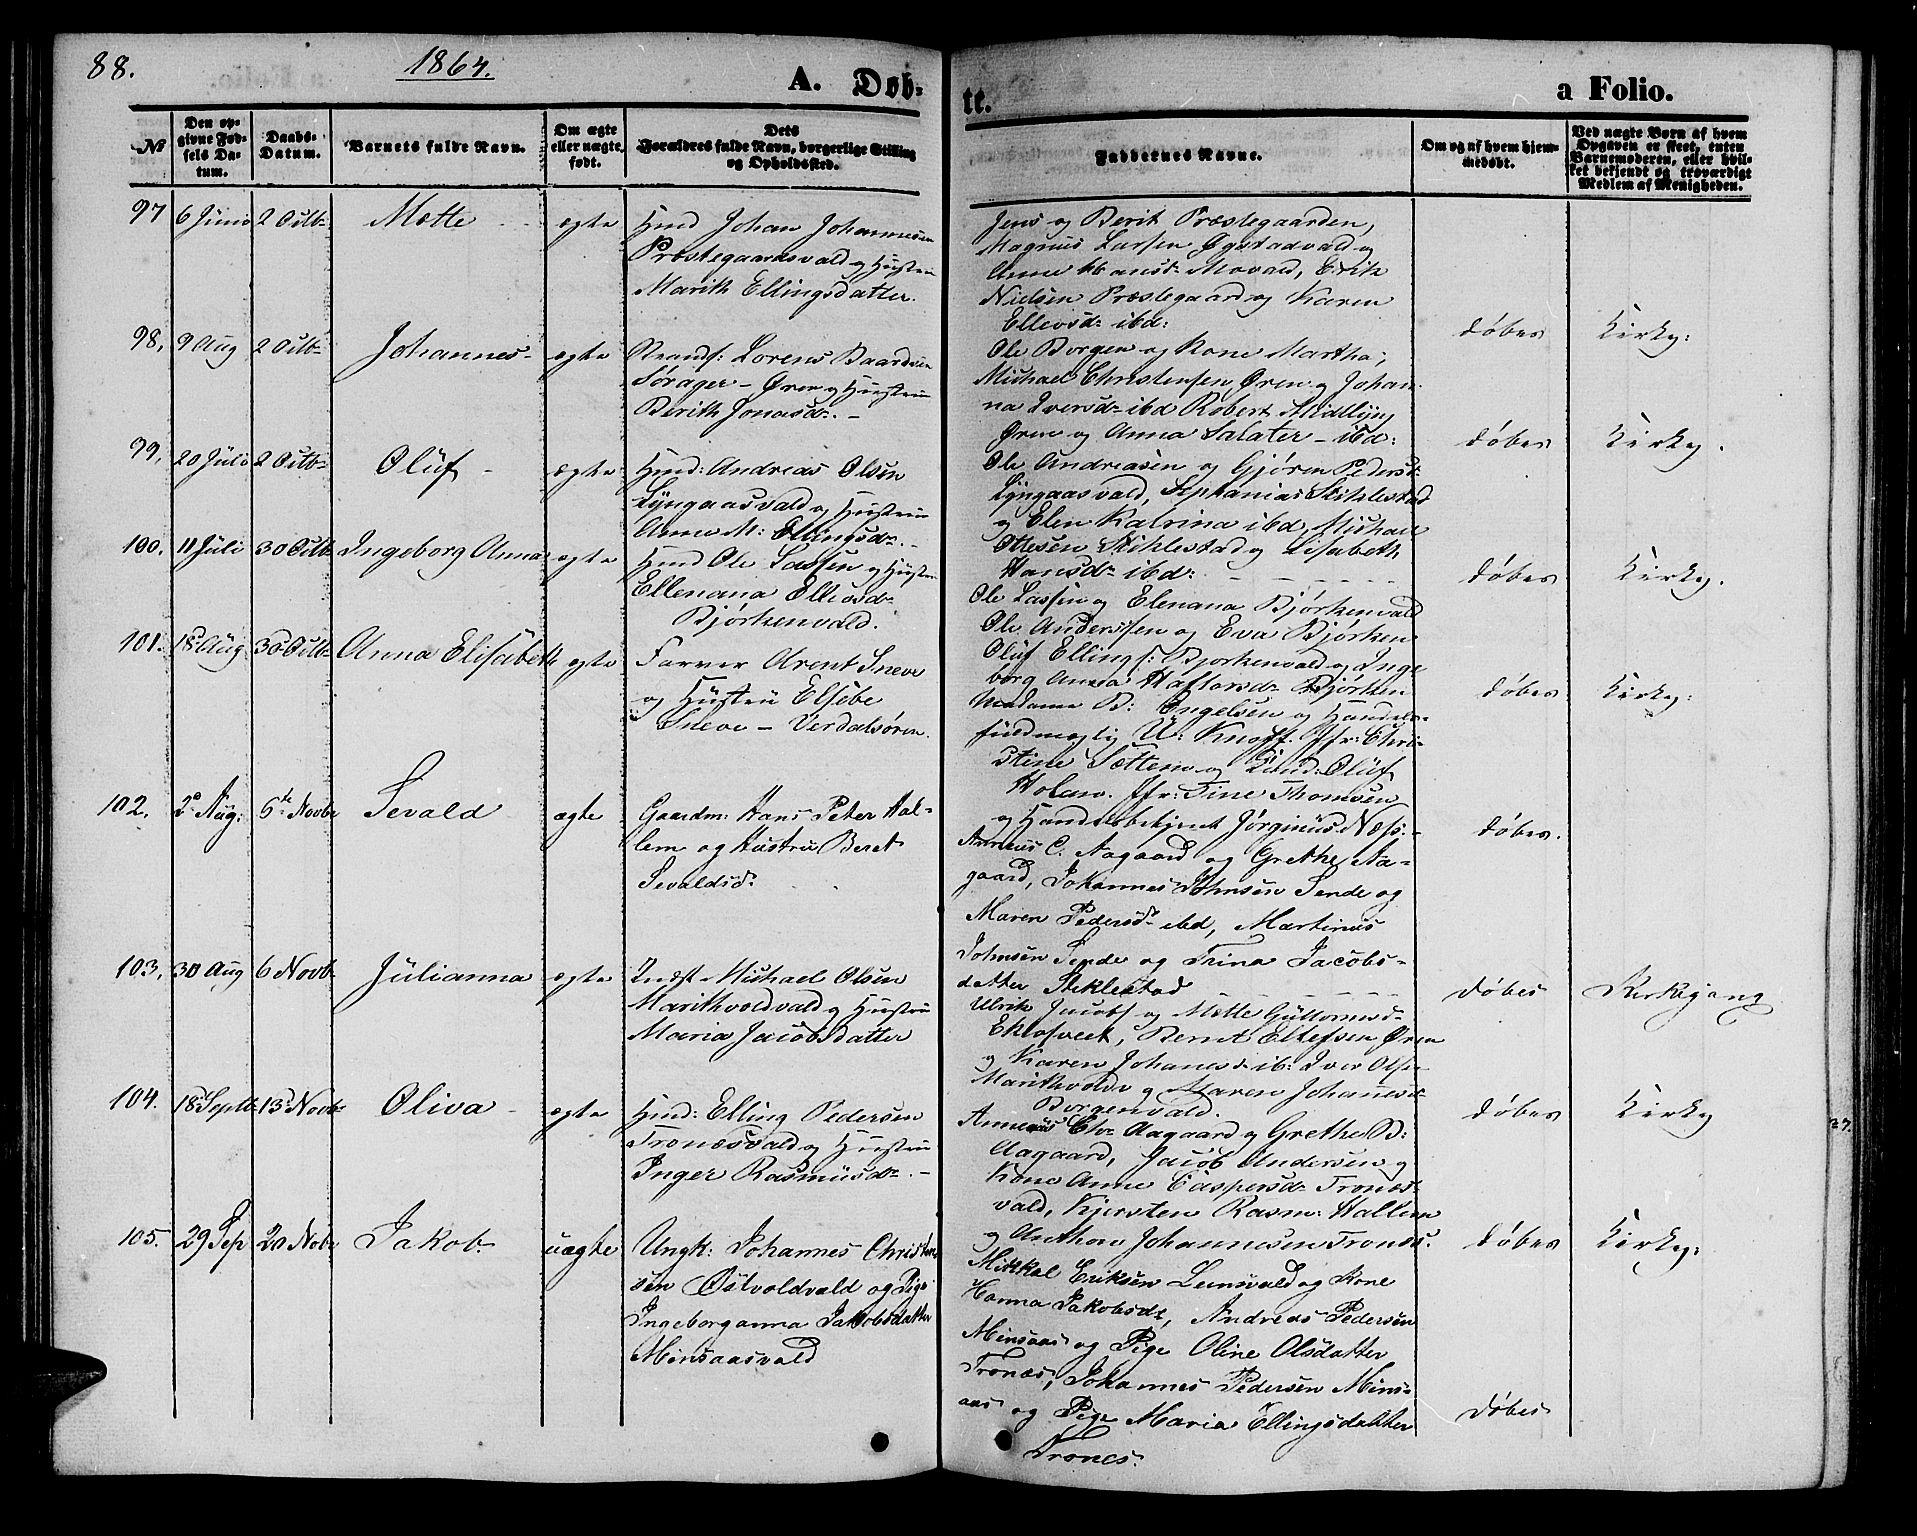 SAT, Ministerialprotokoller, klokkerbøker og fødselsregistre - Nord-Trøndelag, 723/L0254: Klokkerbok nr. 723C02, 1858-1868, s. 88